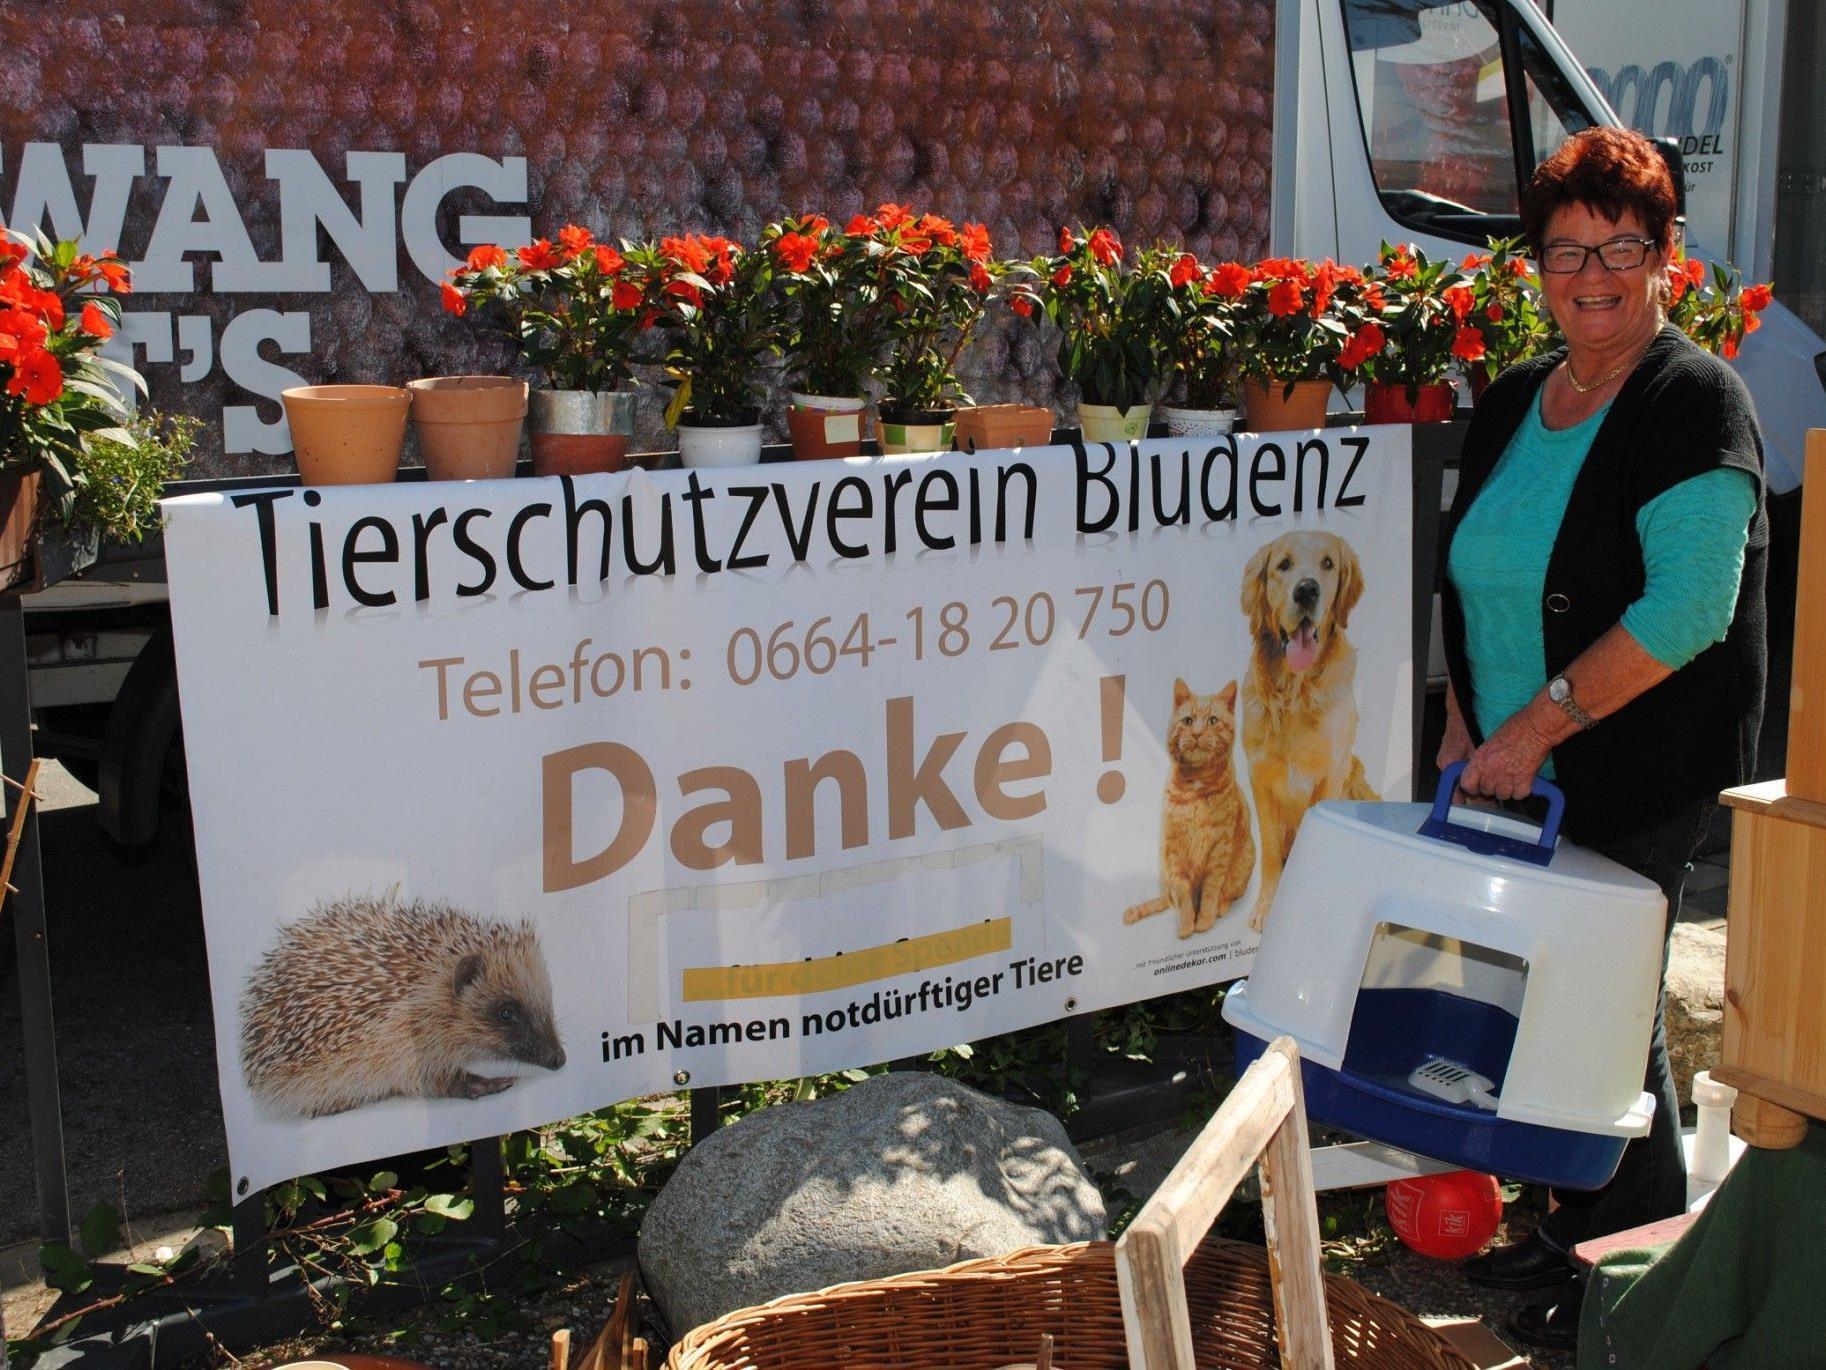 Annelies Dalpez organisiert einmal im Monat einen Flohmarkt für bedürftige Tiere